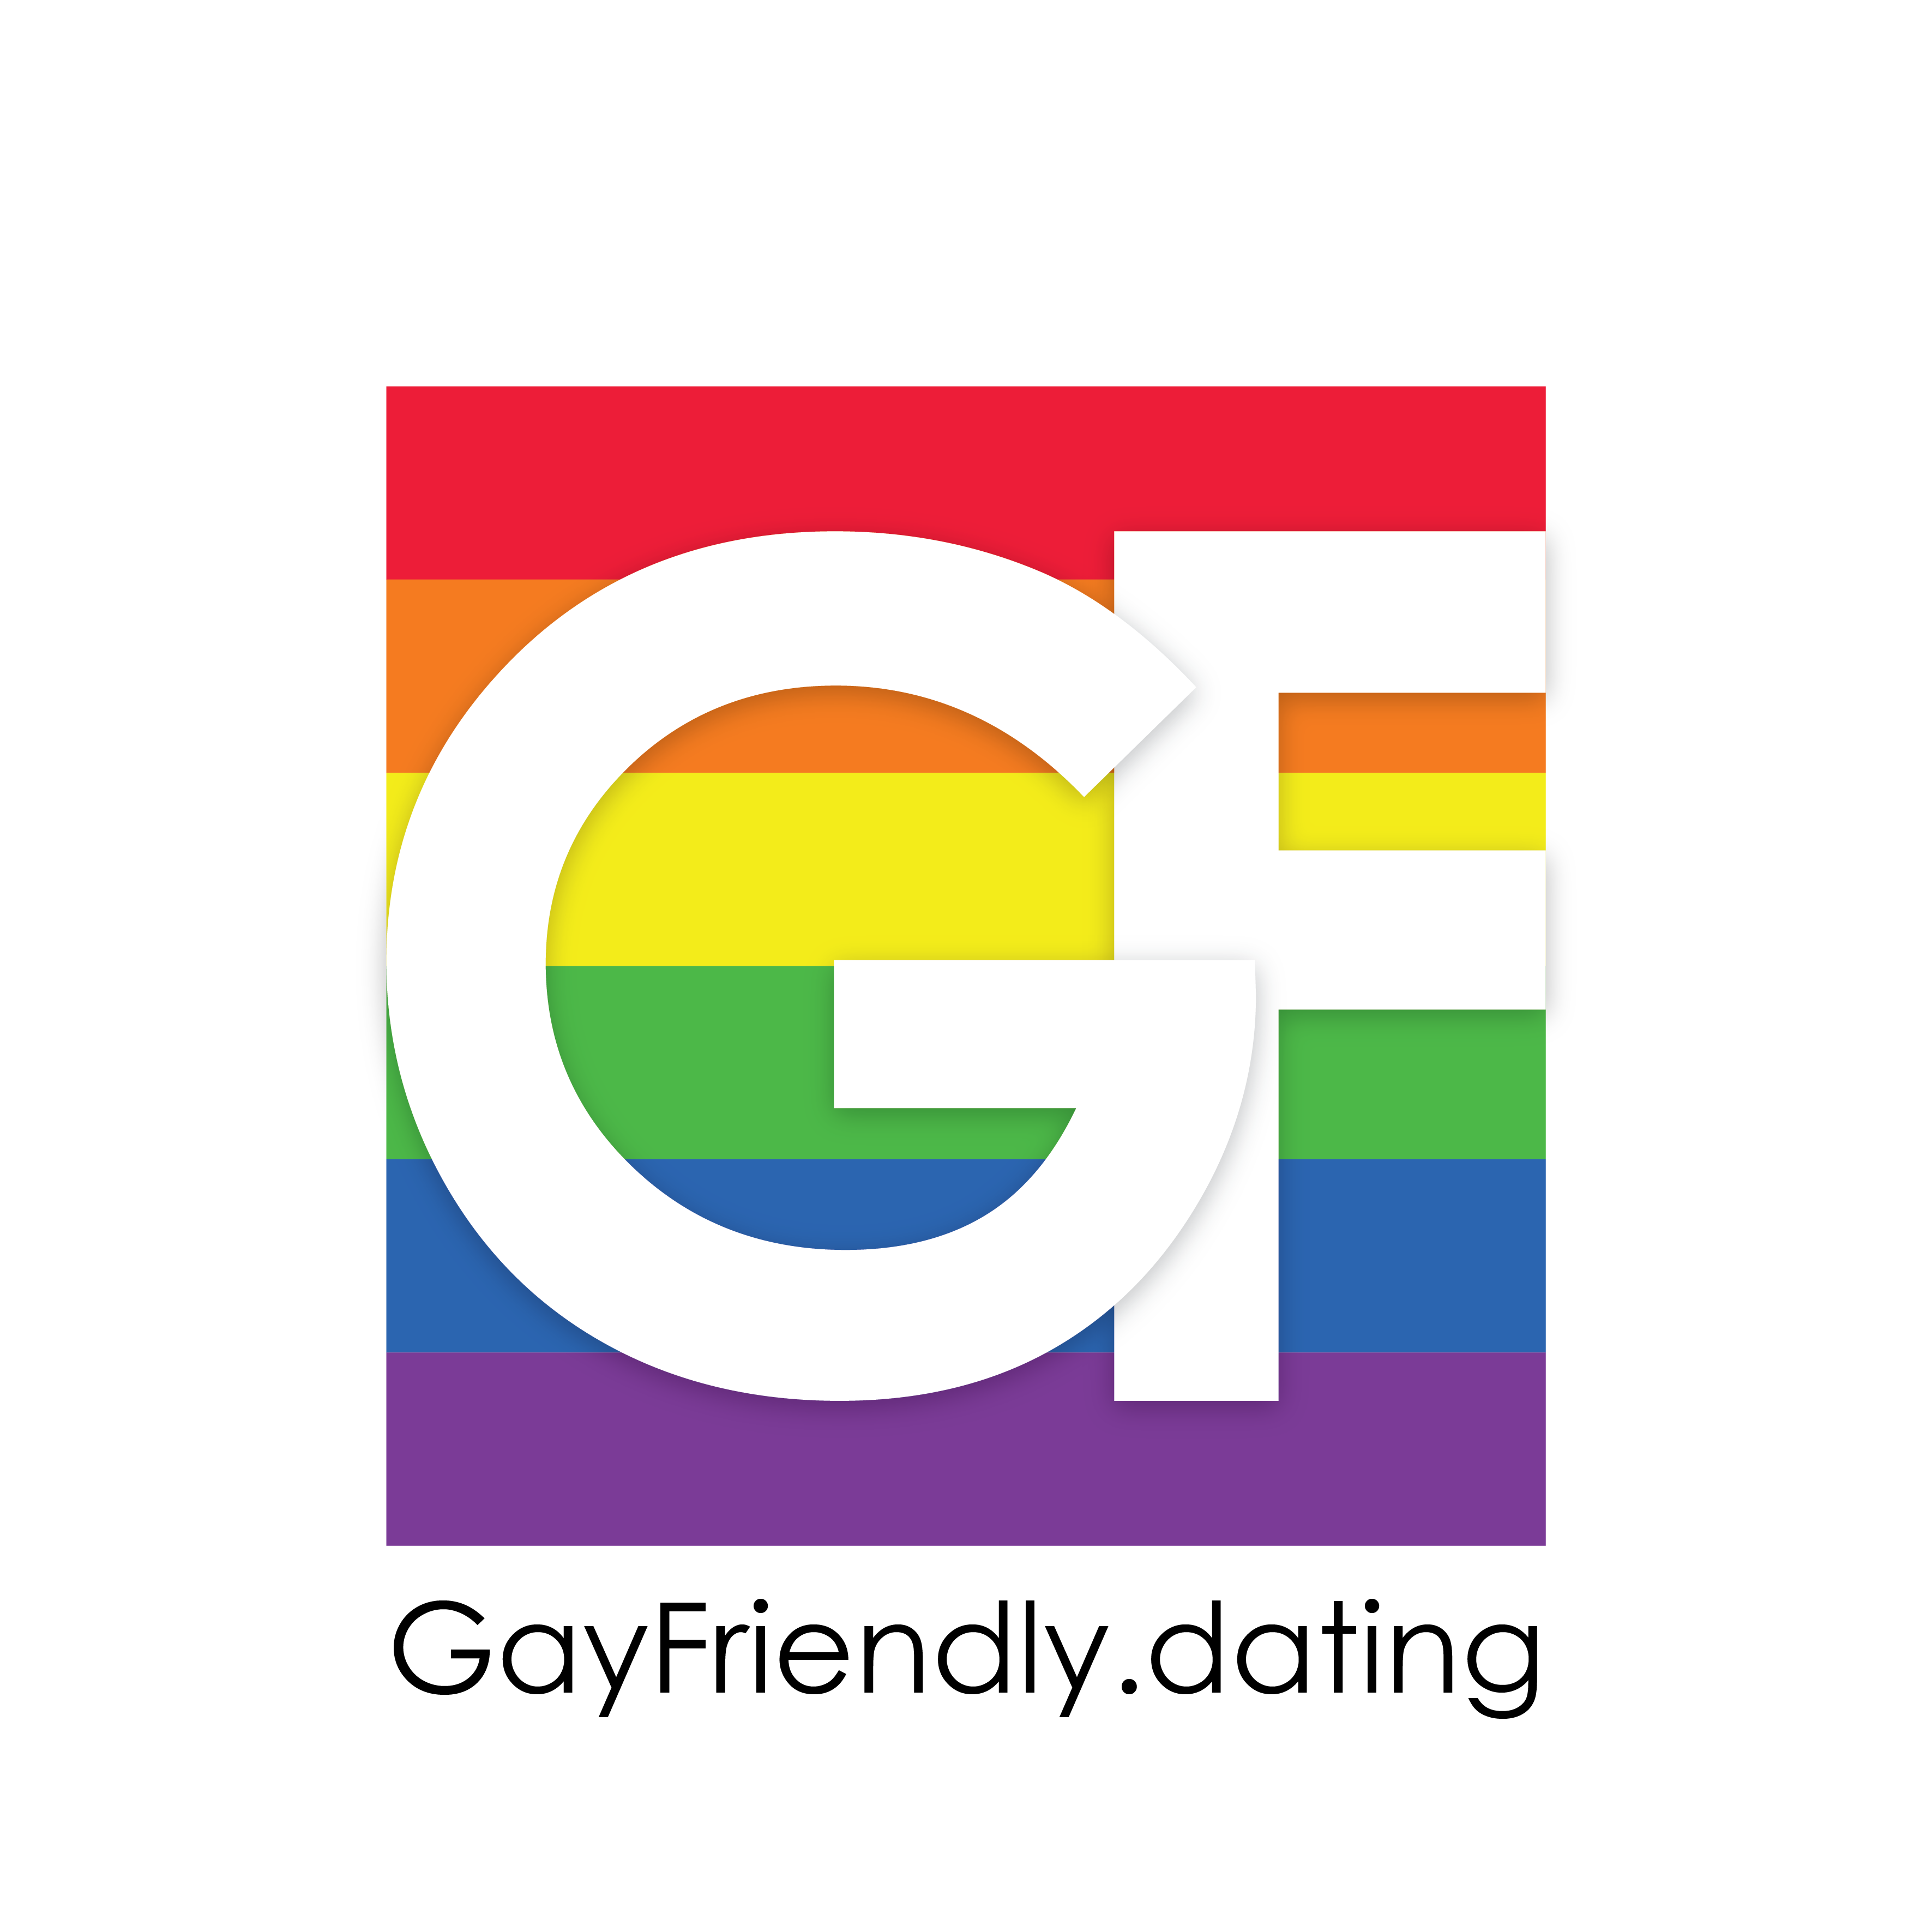 Разработать логотип для англоязычн. сайта знакомств для геев фото f_1765b4da572b9426.png